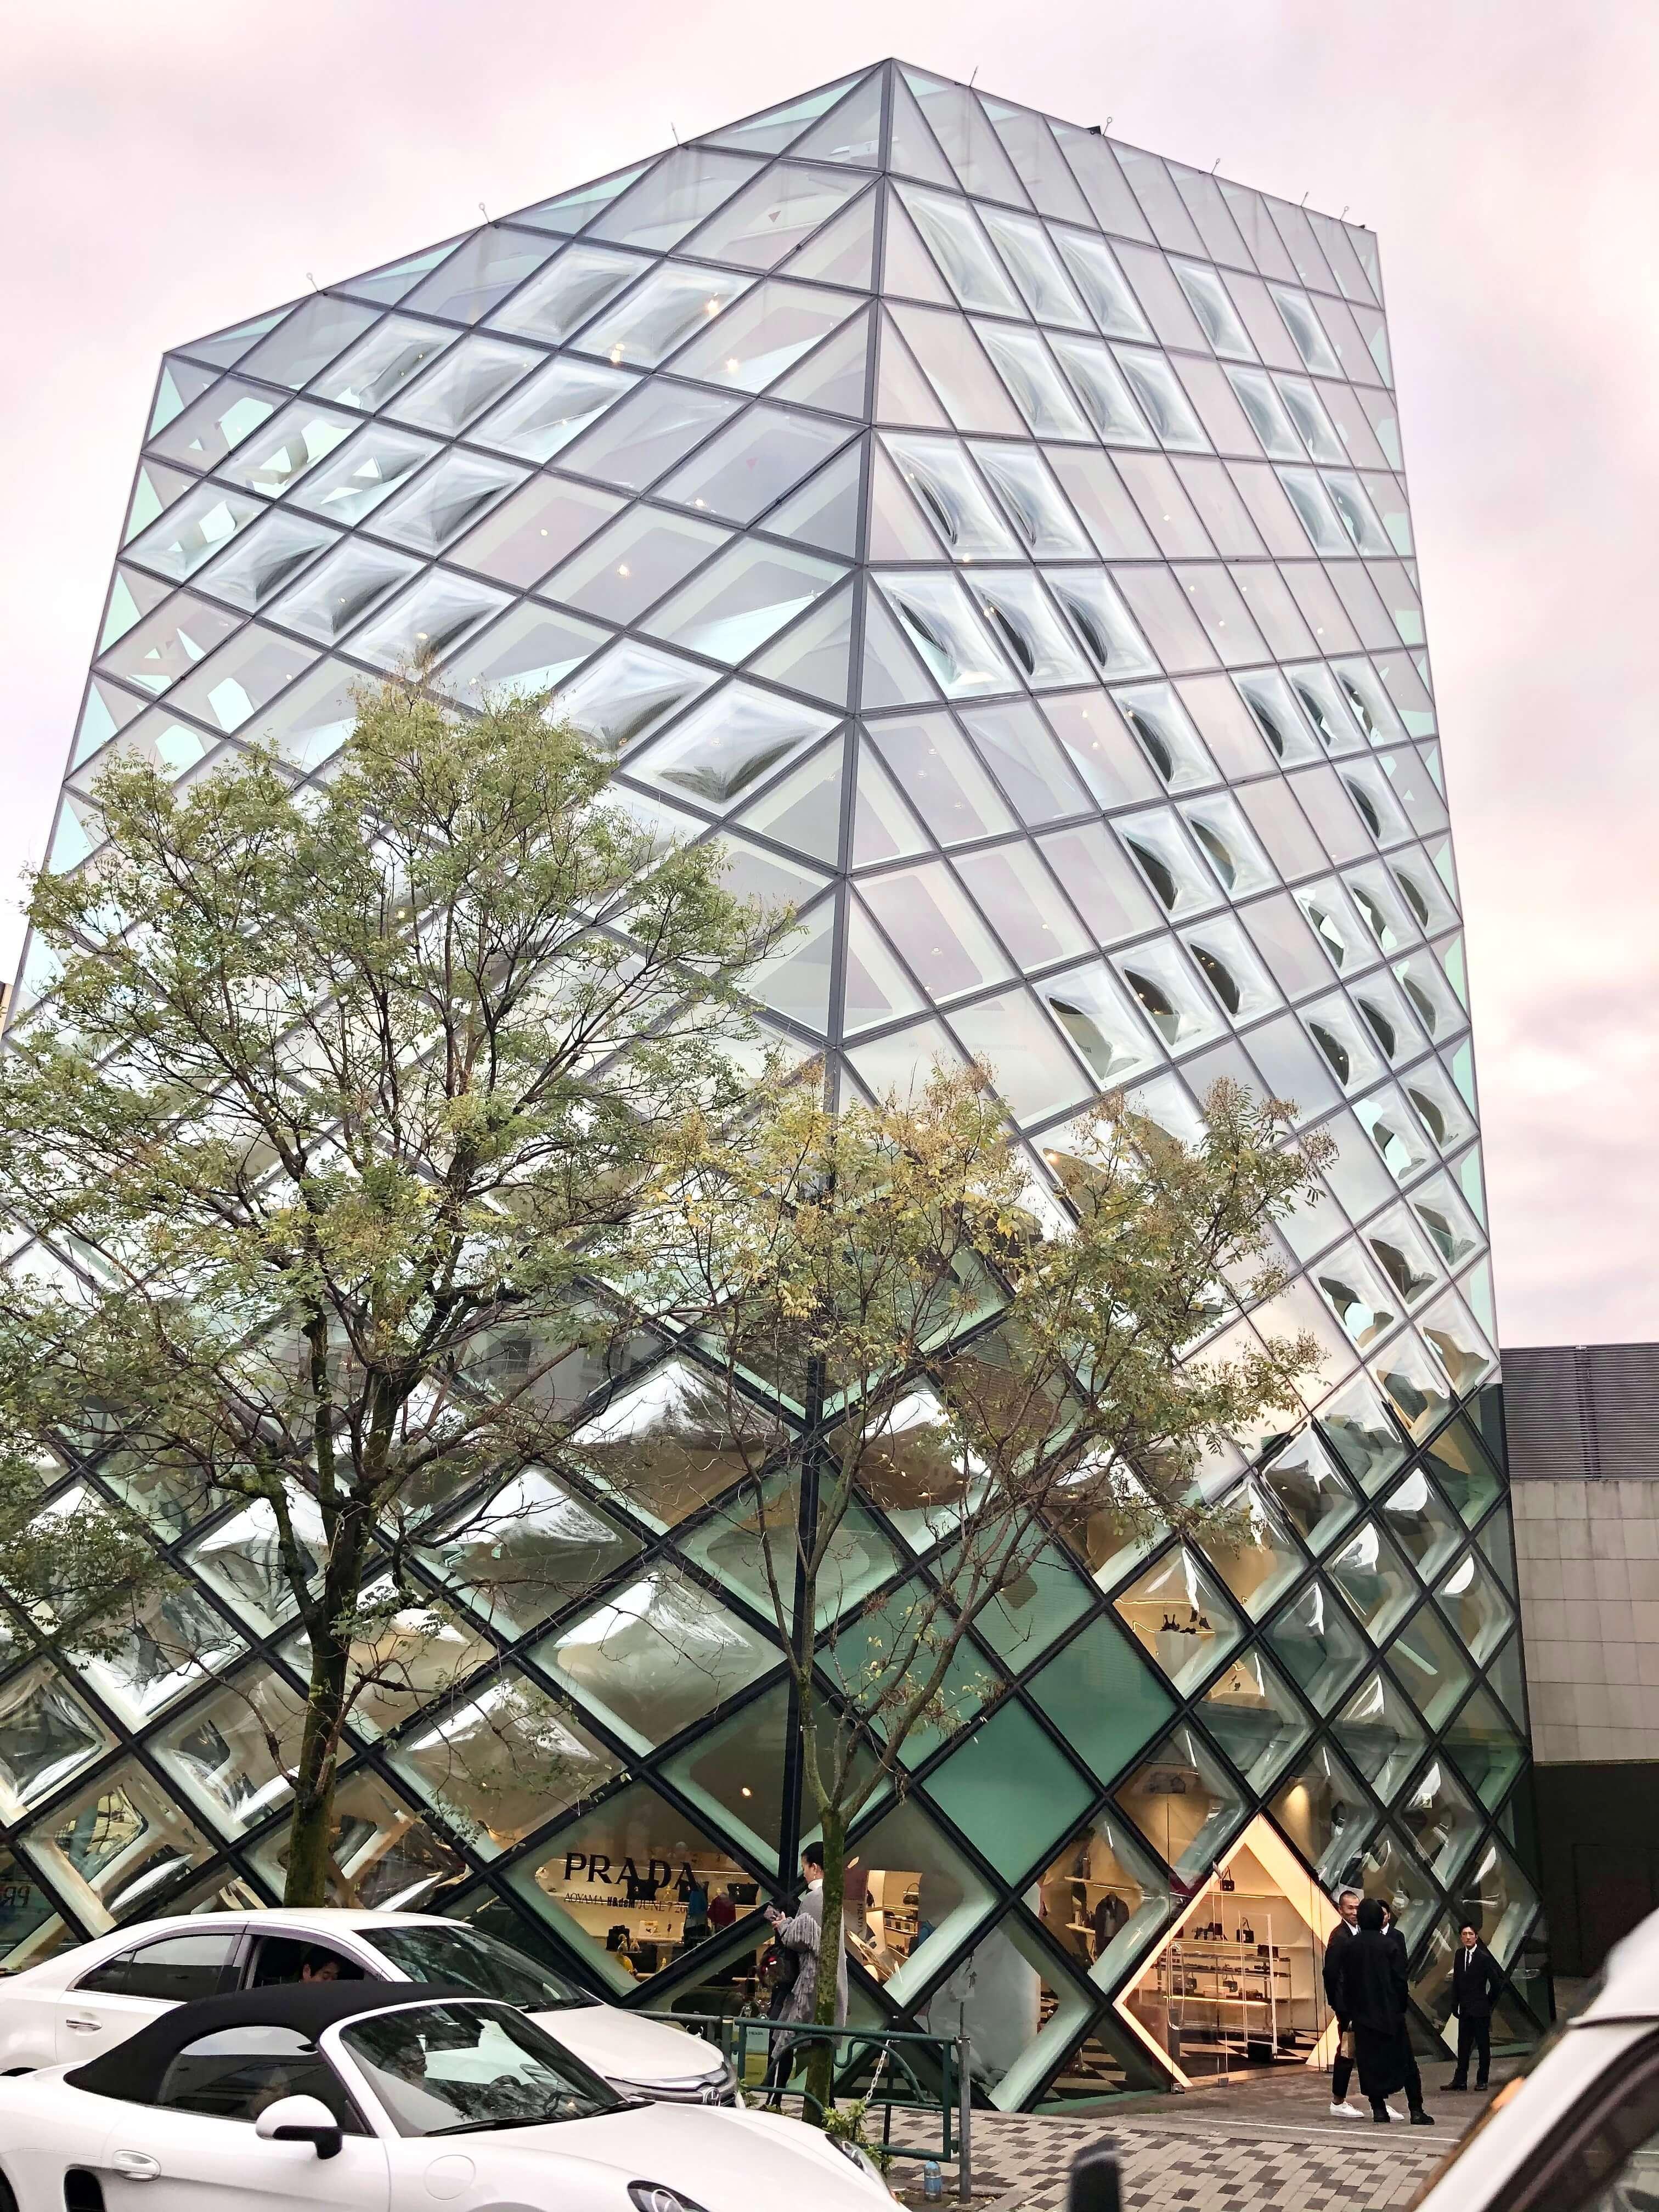 ビル全体がガラス張りのPRADA青山店。ガラスがキルティング生地のようなステッチに見える造りでモダンでオシャレ。